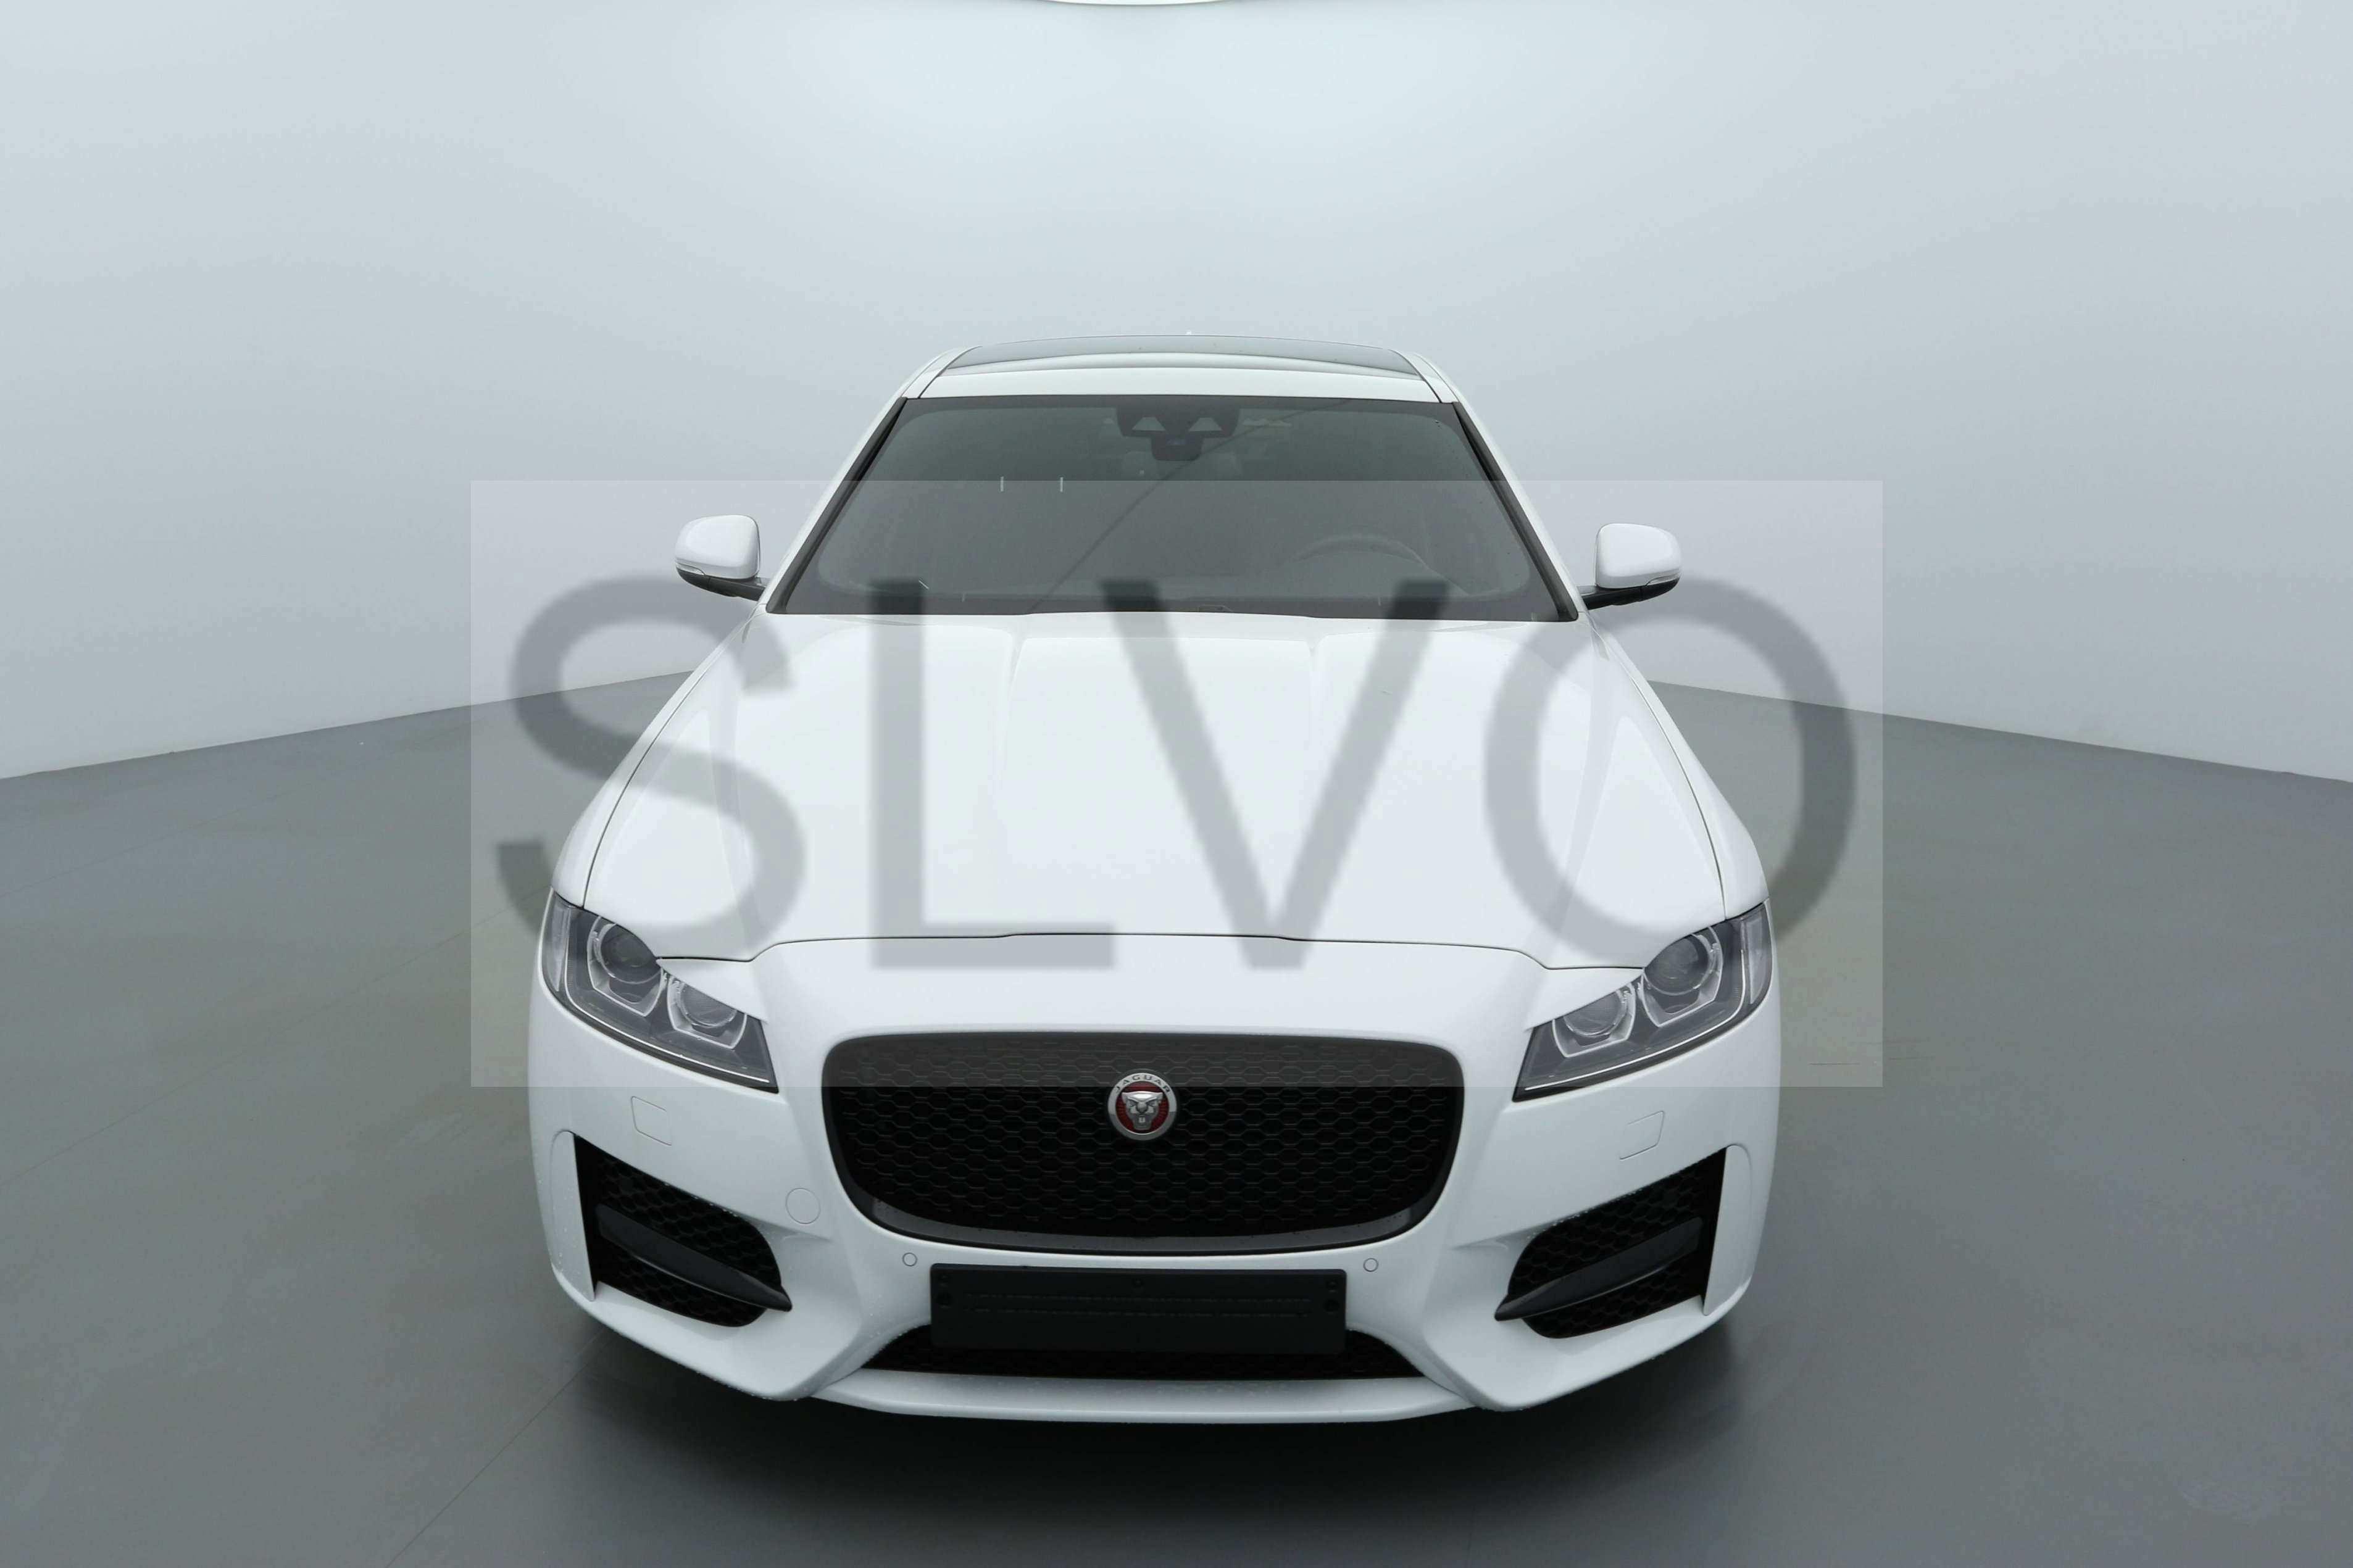 25 New Jaguar Neuheiten Bis 2020 Style by Jaguar Neuheiten Bis 2020